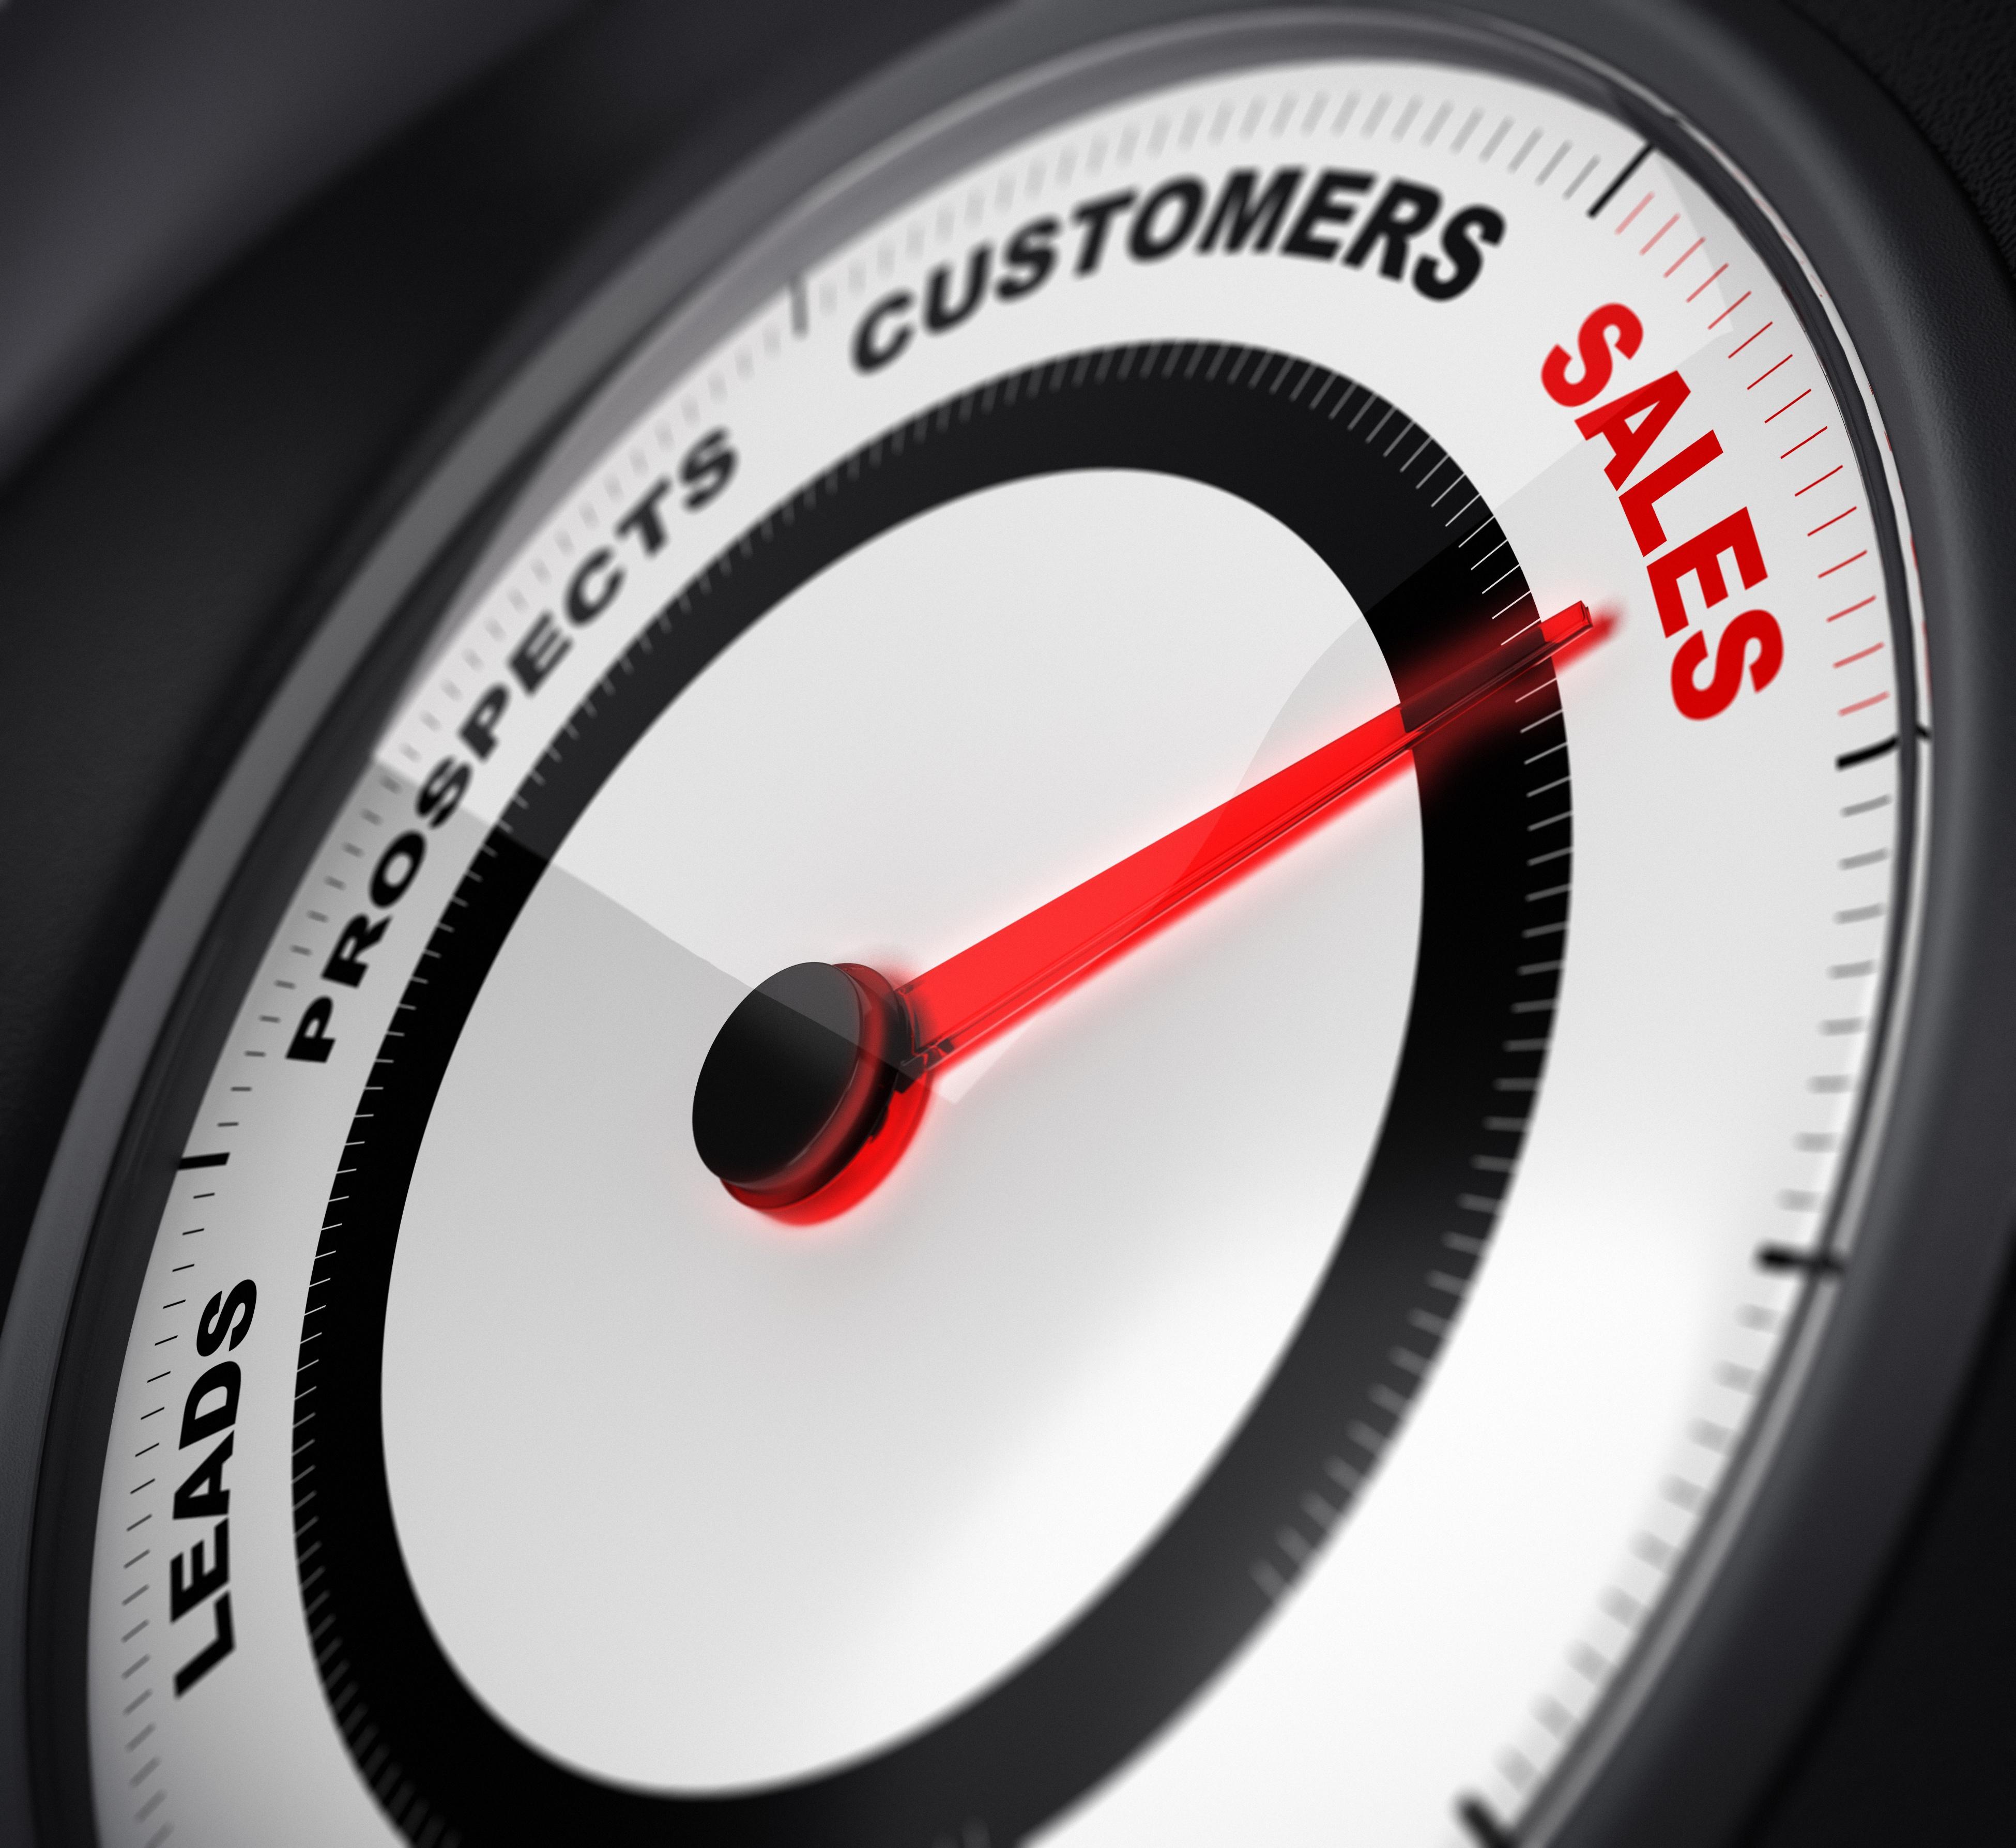 Convert Sales Speedometer